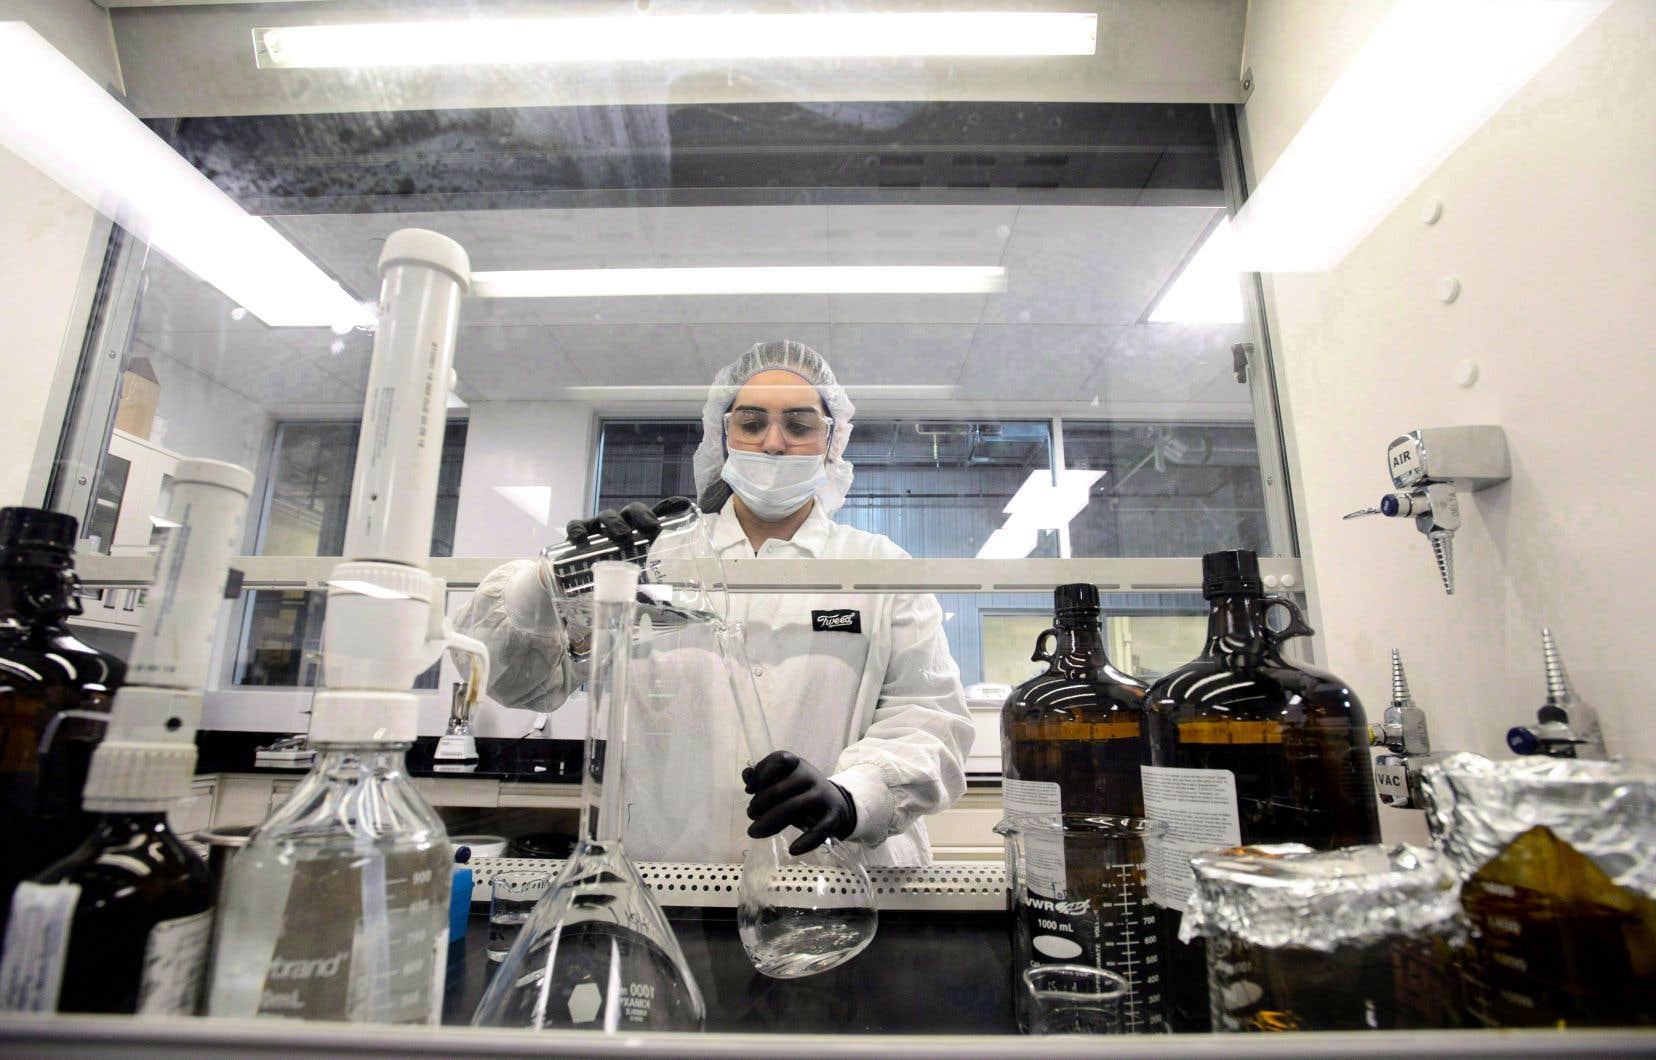 Une technicienne de laboratoire est au travail chez Canopy Growth.Le producteur de marijuana ontarien estime que ce soutien devrait l'aider à livrer une solide concurrence aux plus gros joueurs de la pharmacie et de la bière.